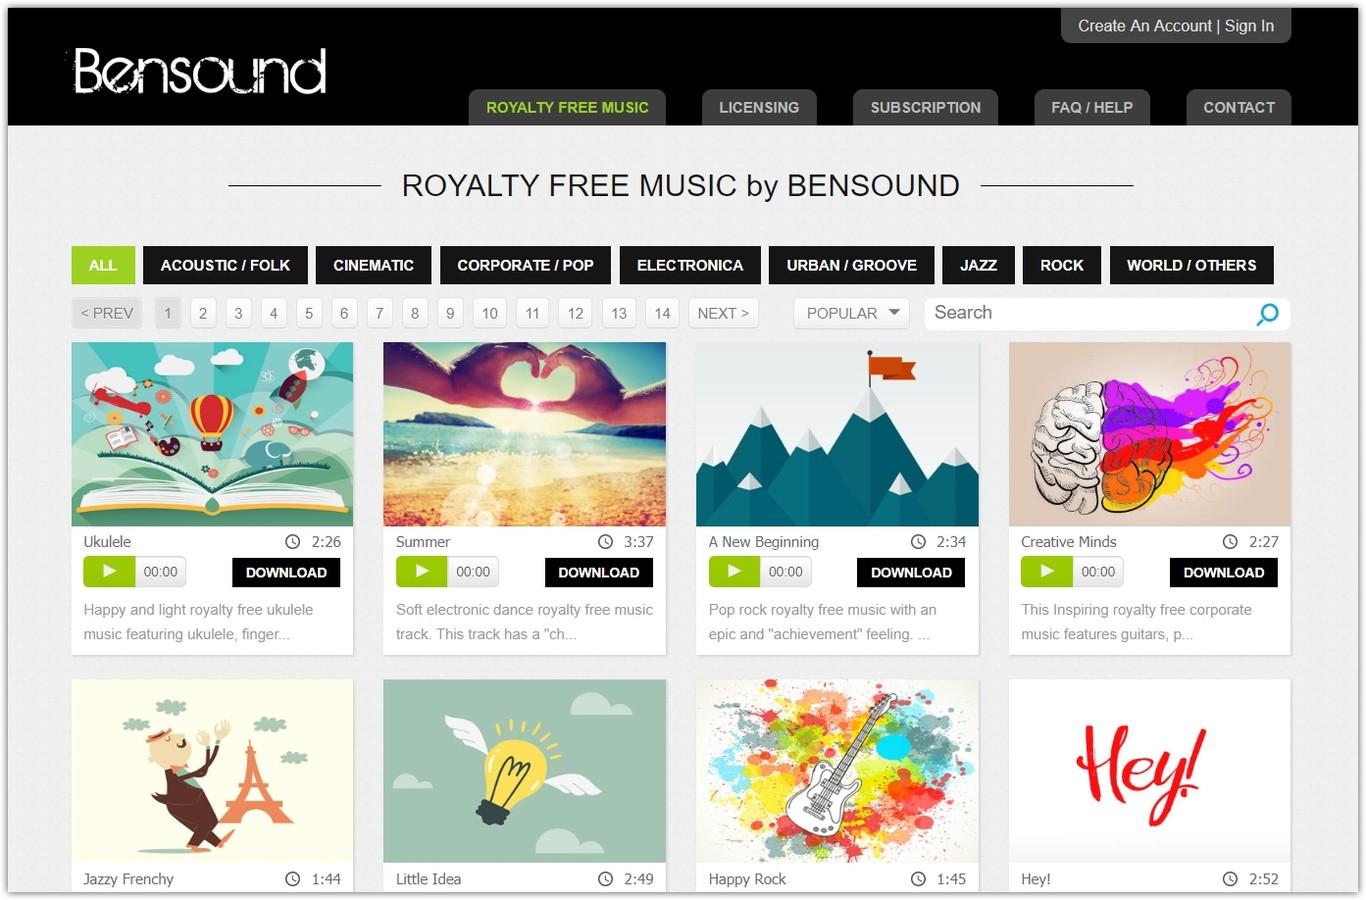 🎼 Música gratis que puedes usar libremente en tus vídeos de YouTube, sitios web, animaciones y presentaciones